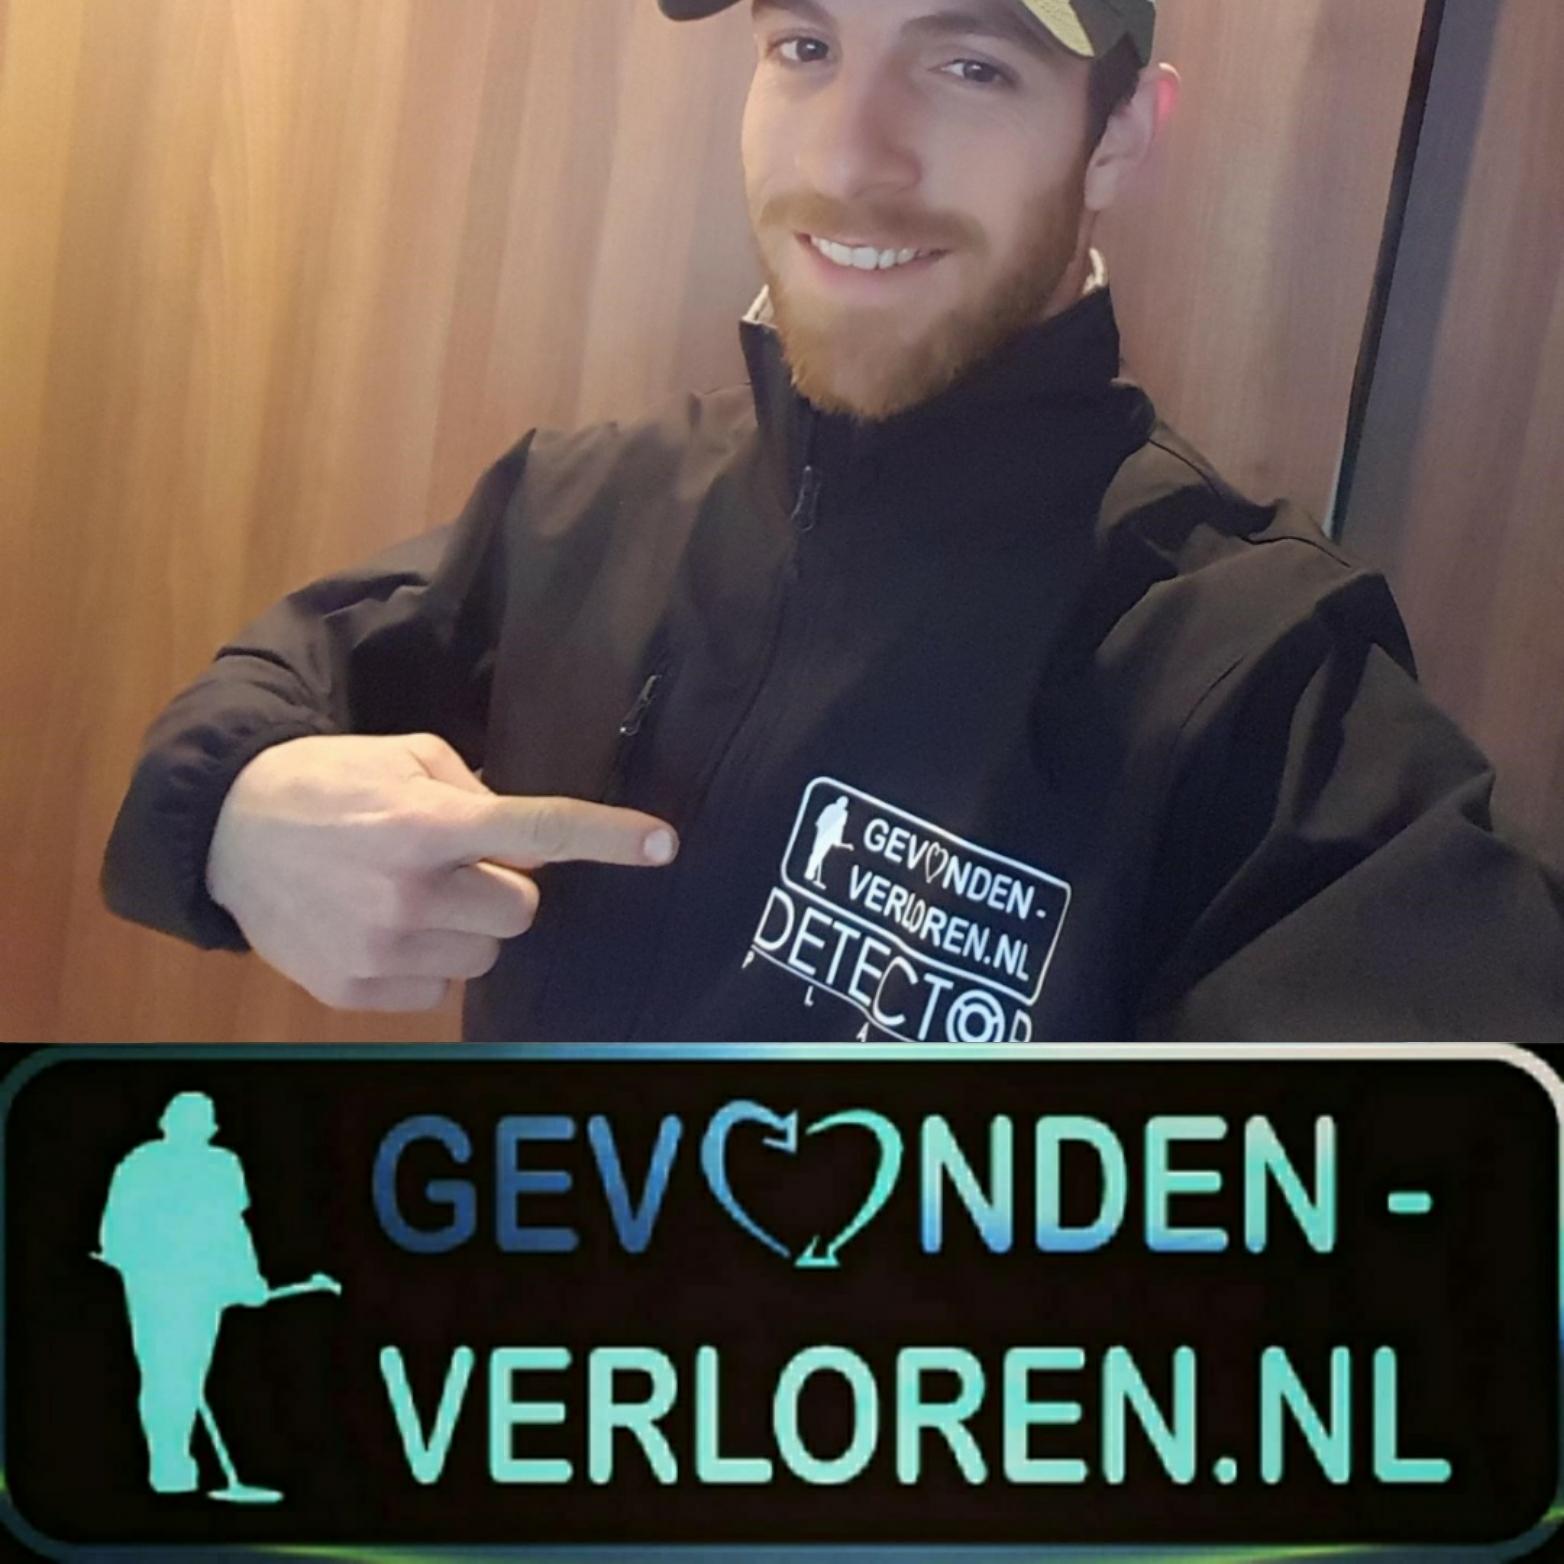 Vrijwilligers Stichting Gevonden-verloren.nl